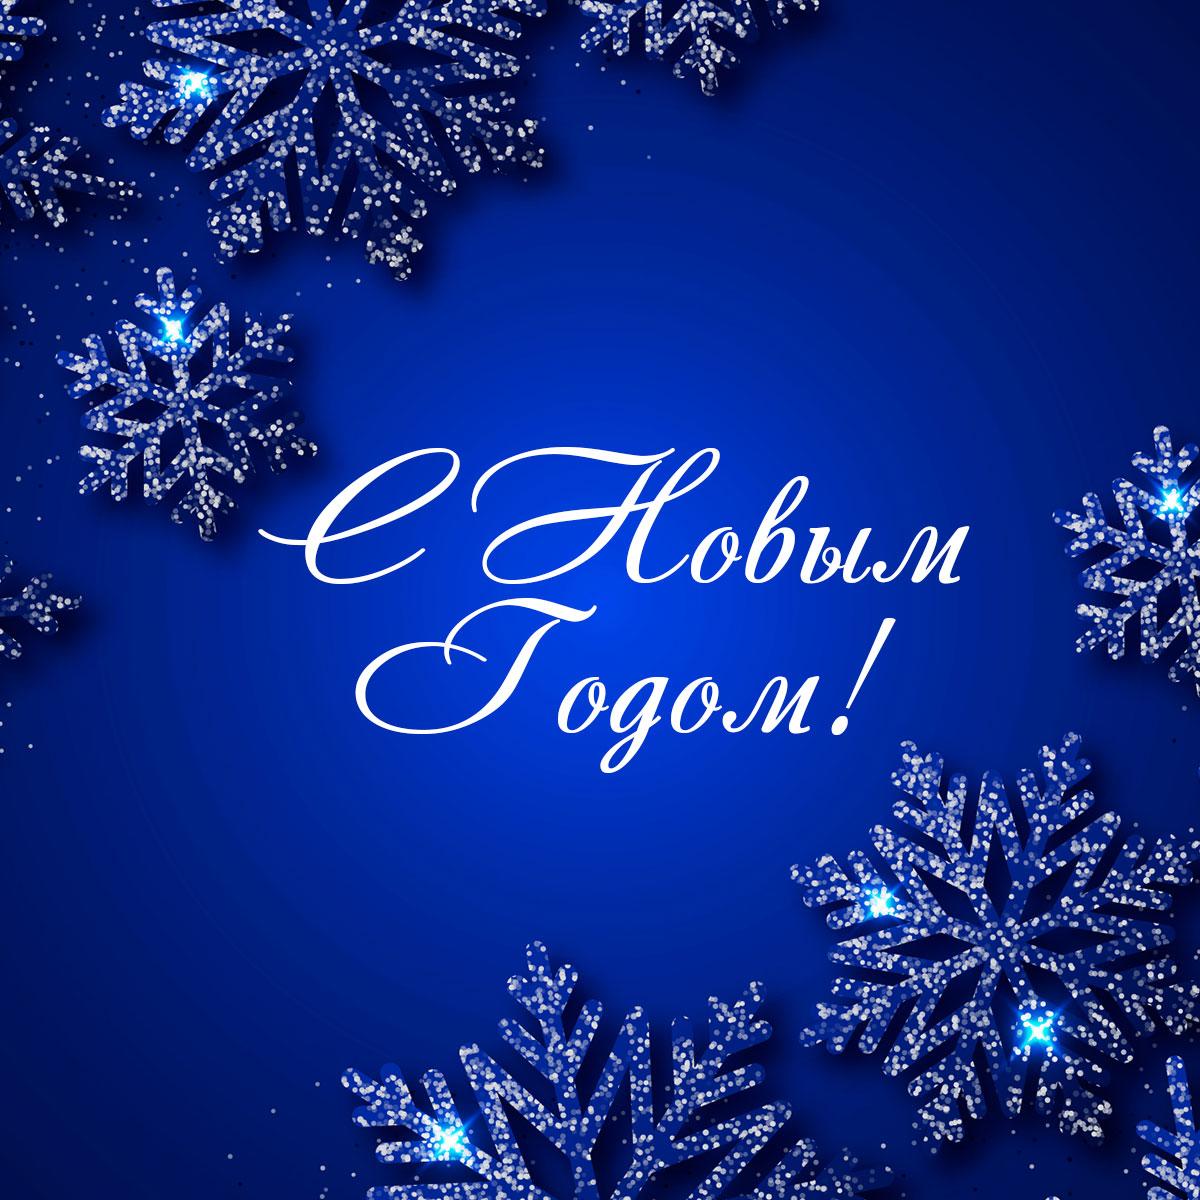 Картинка синего цвета с зимними снежинками и поздравительной надписью.